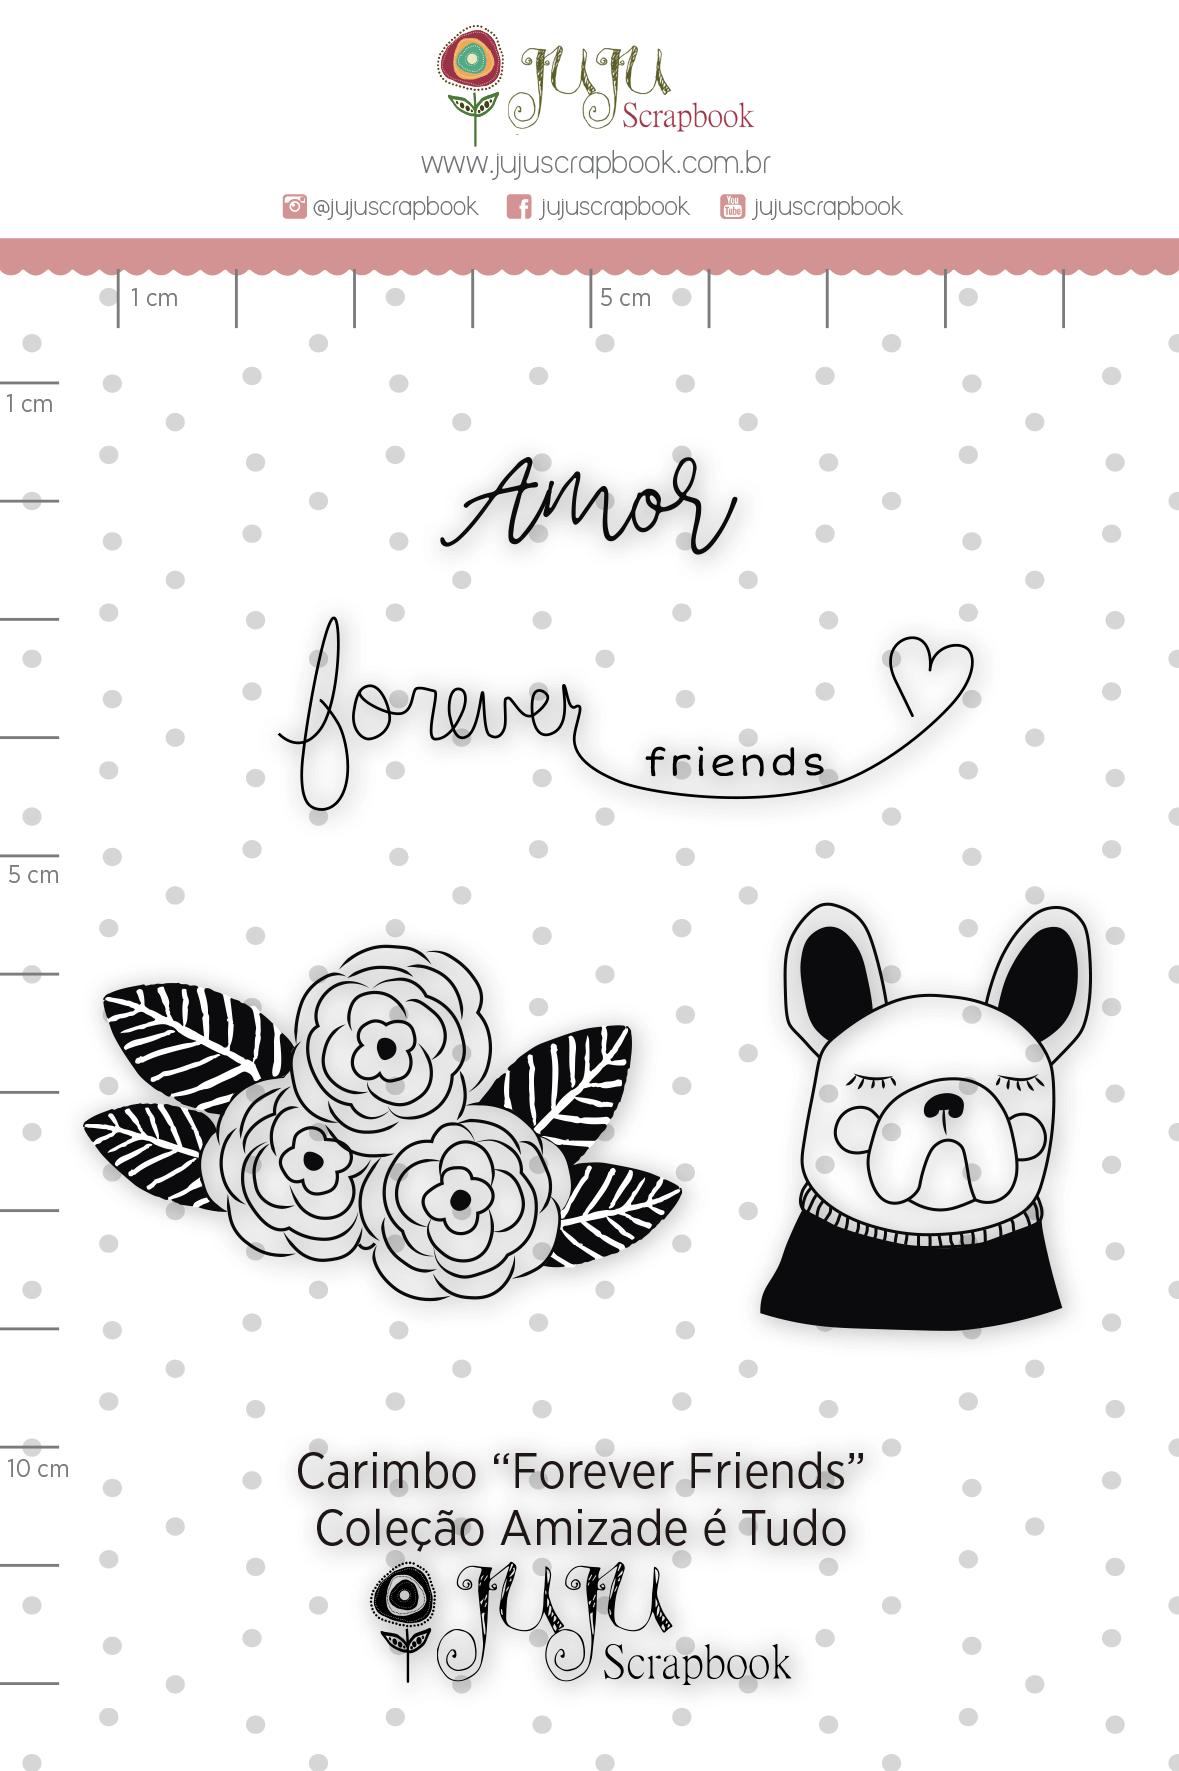 Carimbo G Forever Friends - Coleção Amizade é Tudo - JuJu Scrapbook  - JuJu Scrapbook